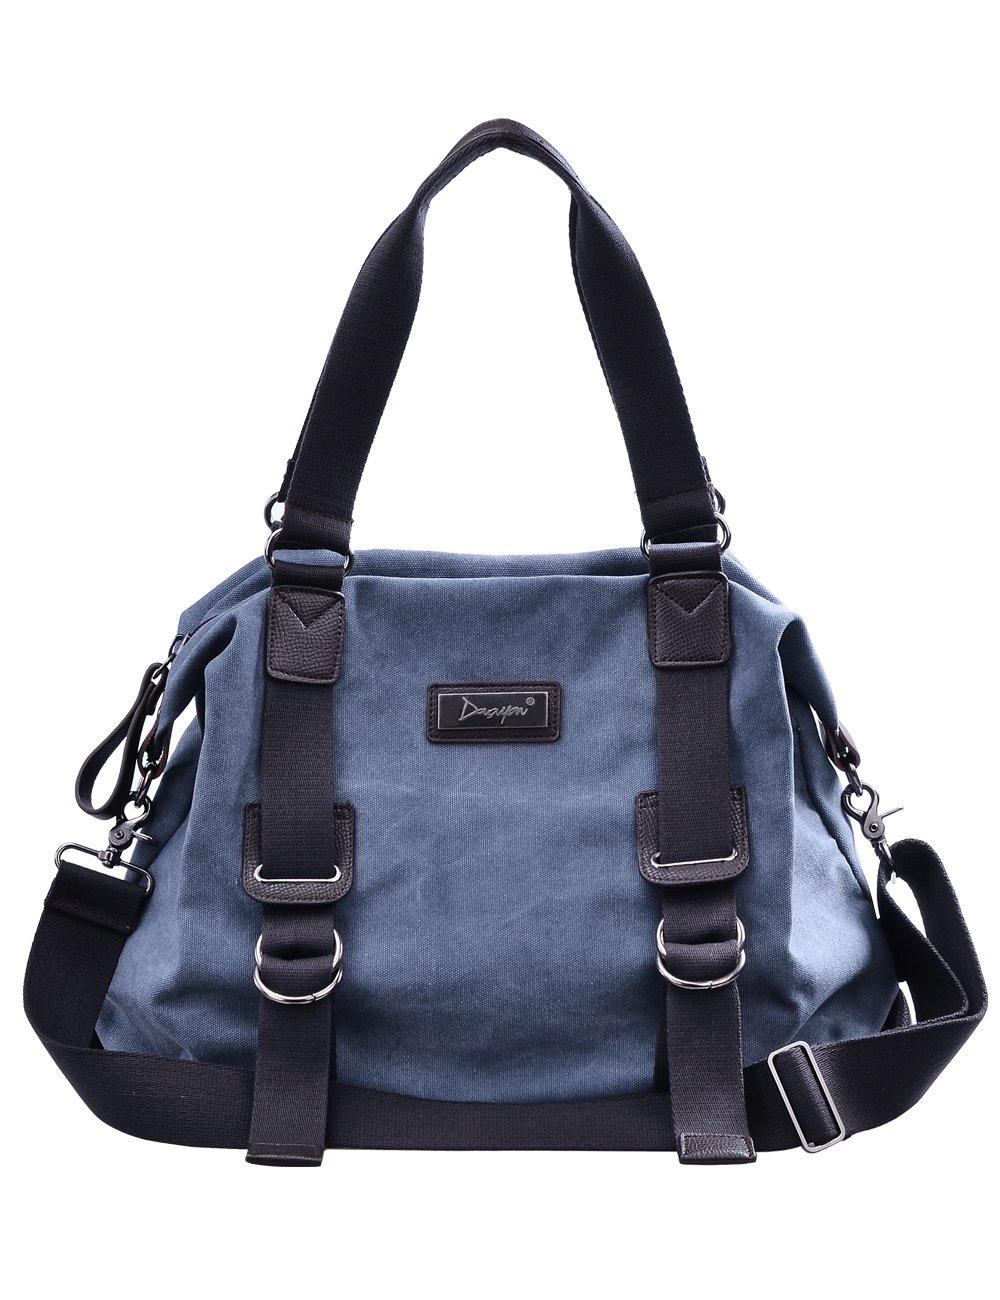 Douguyan Sacs fourre-tout pour Hommes Sac à main Voyage, Commerce, Canevas+Leather E47903 Bleu